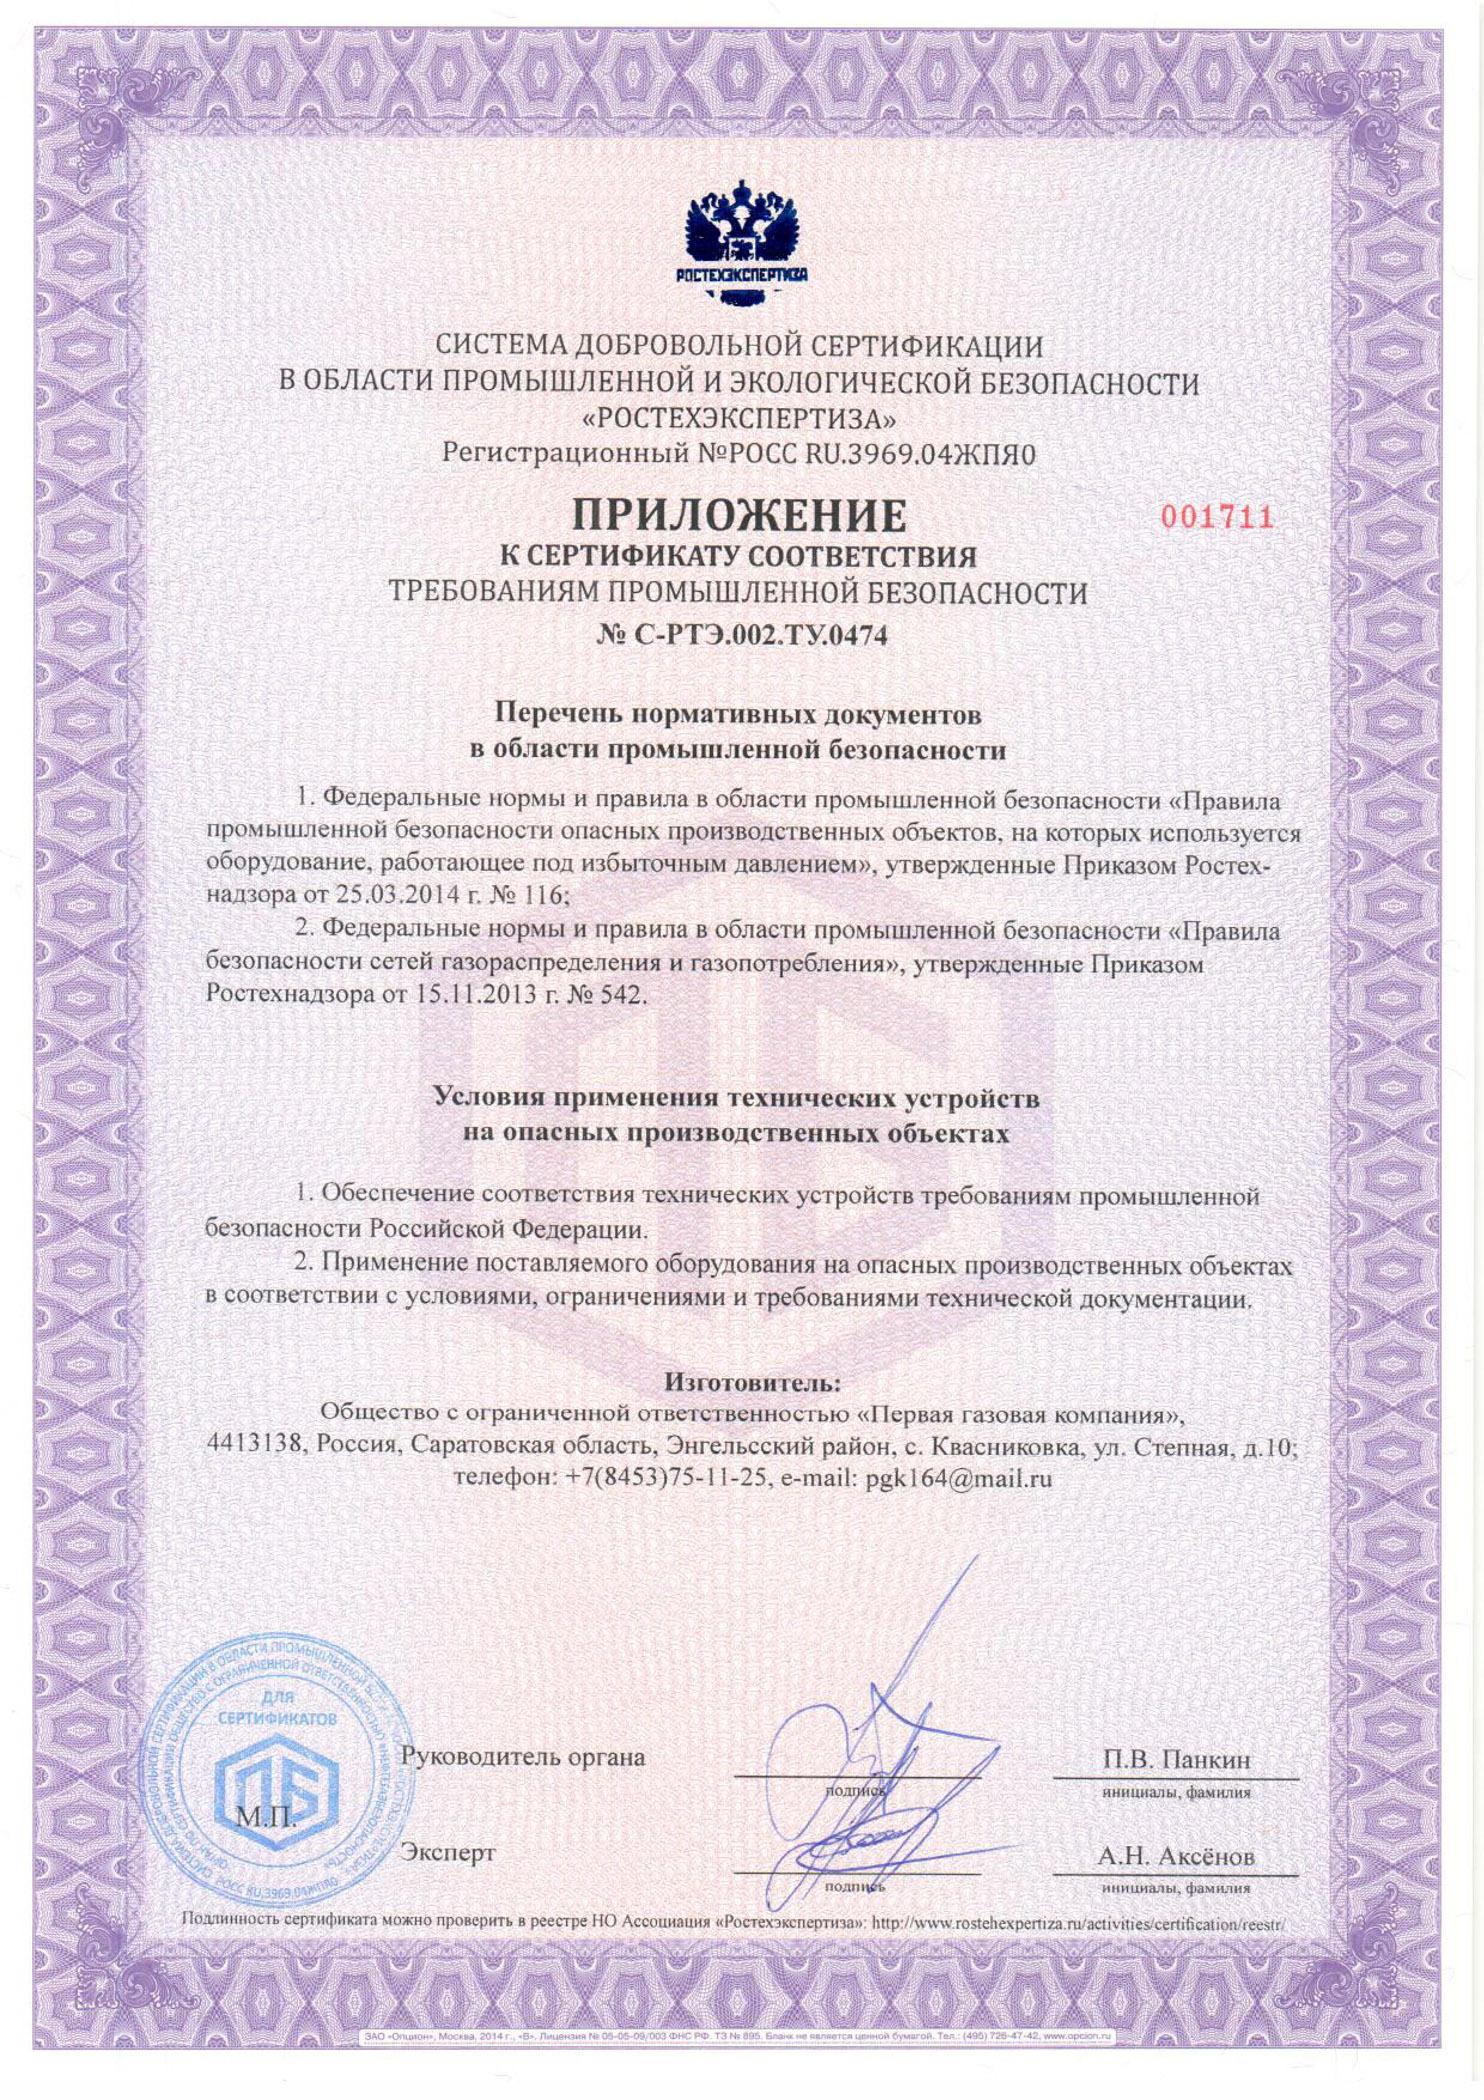 Приложение к сертификату соответствия ТКУ